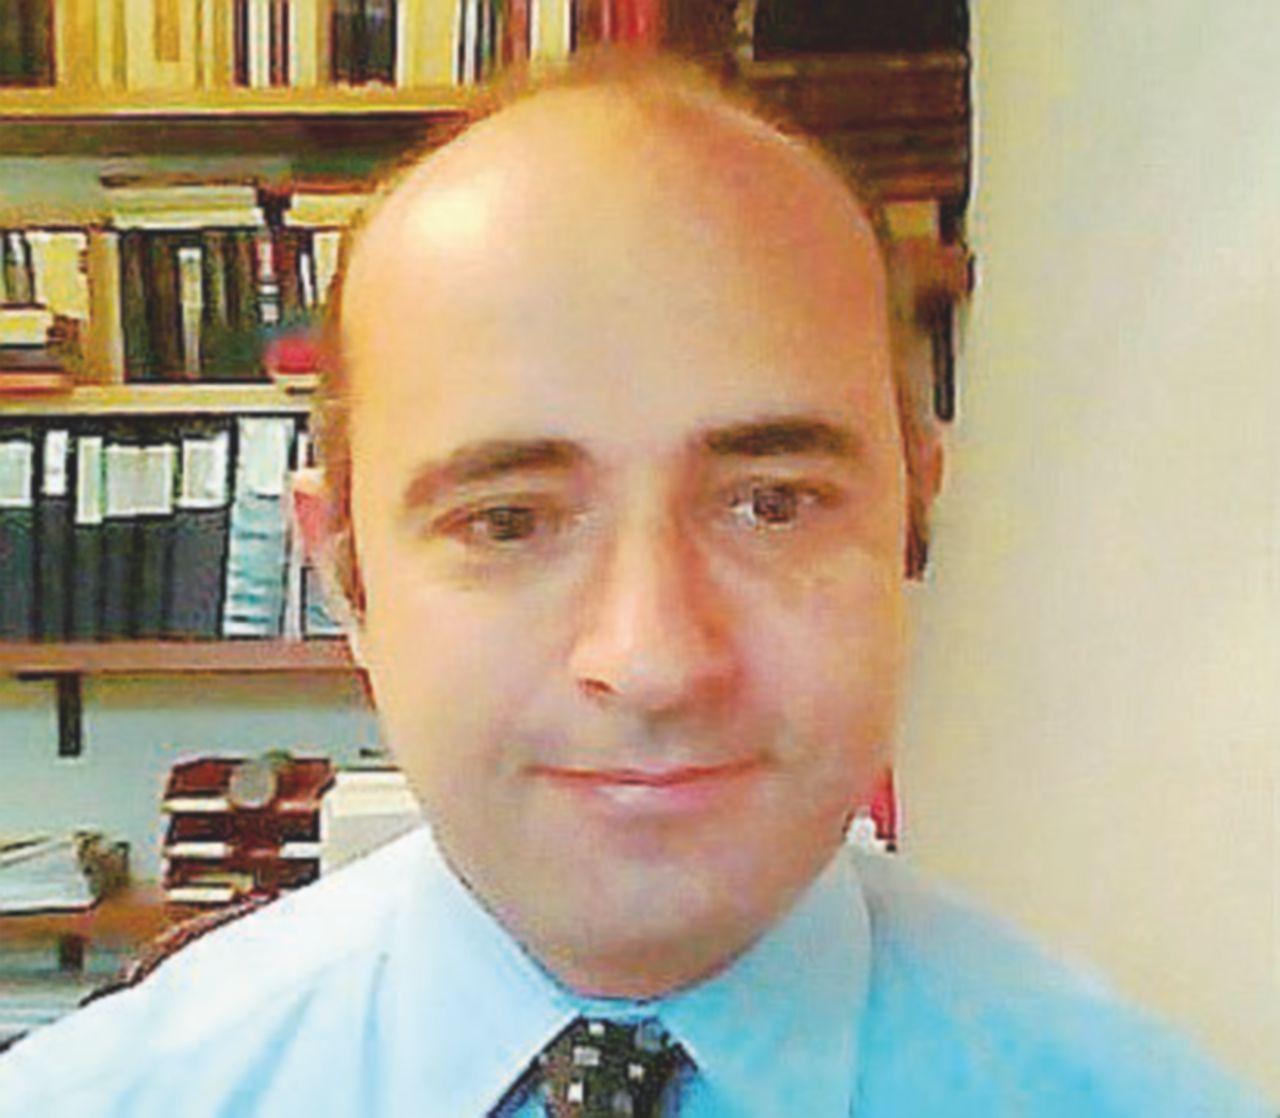 Via agli interrogatori, risponde il prof che collaborava con Ricucci